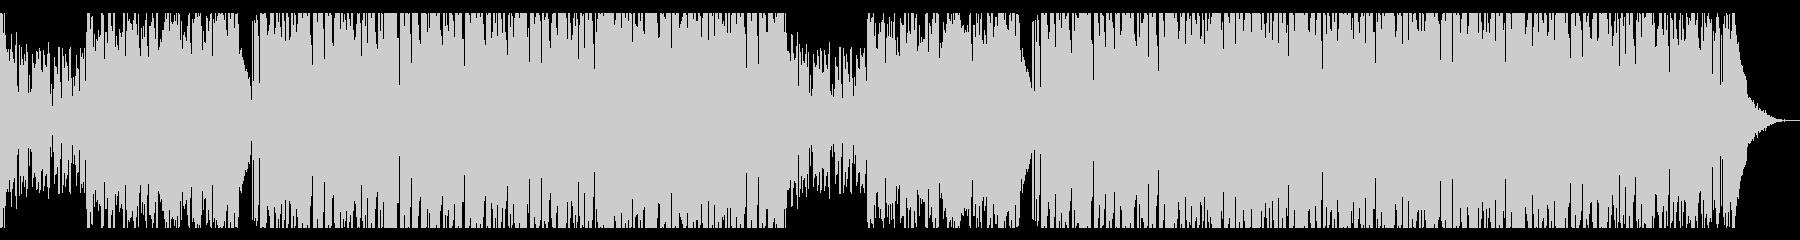 キャッチーなメロのダンス・ハウスポップの未再生の波形